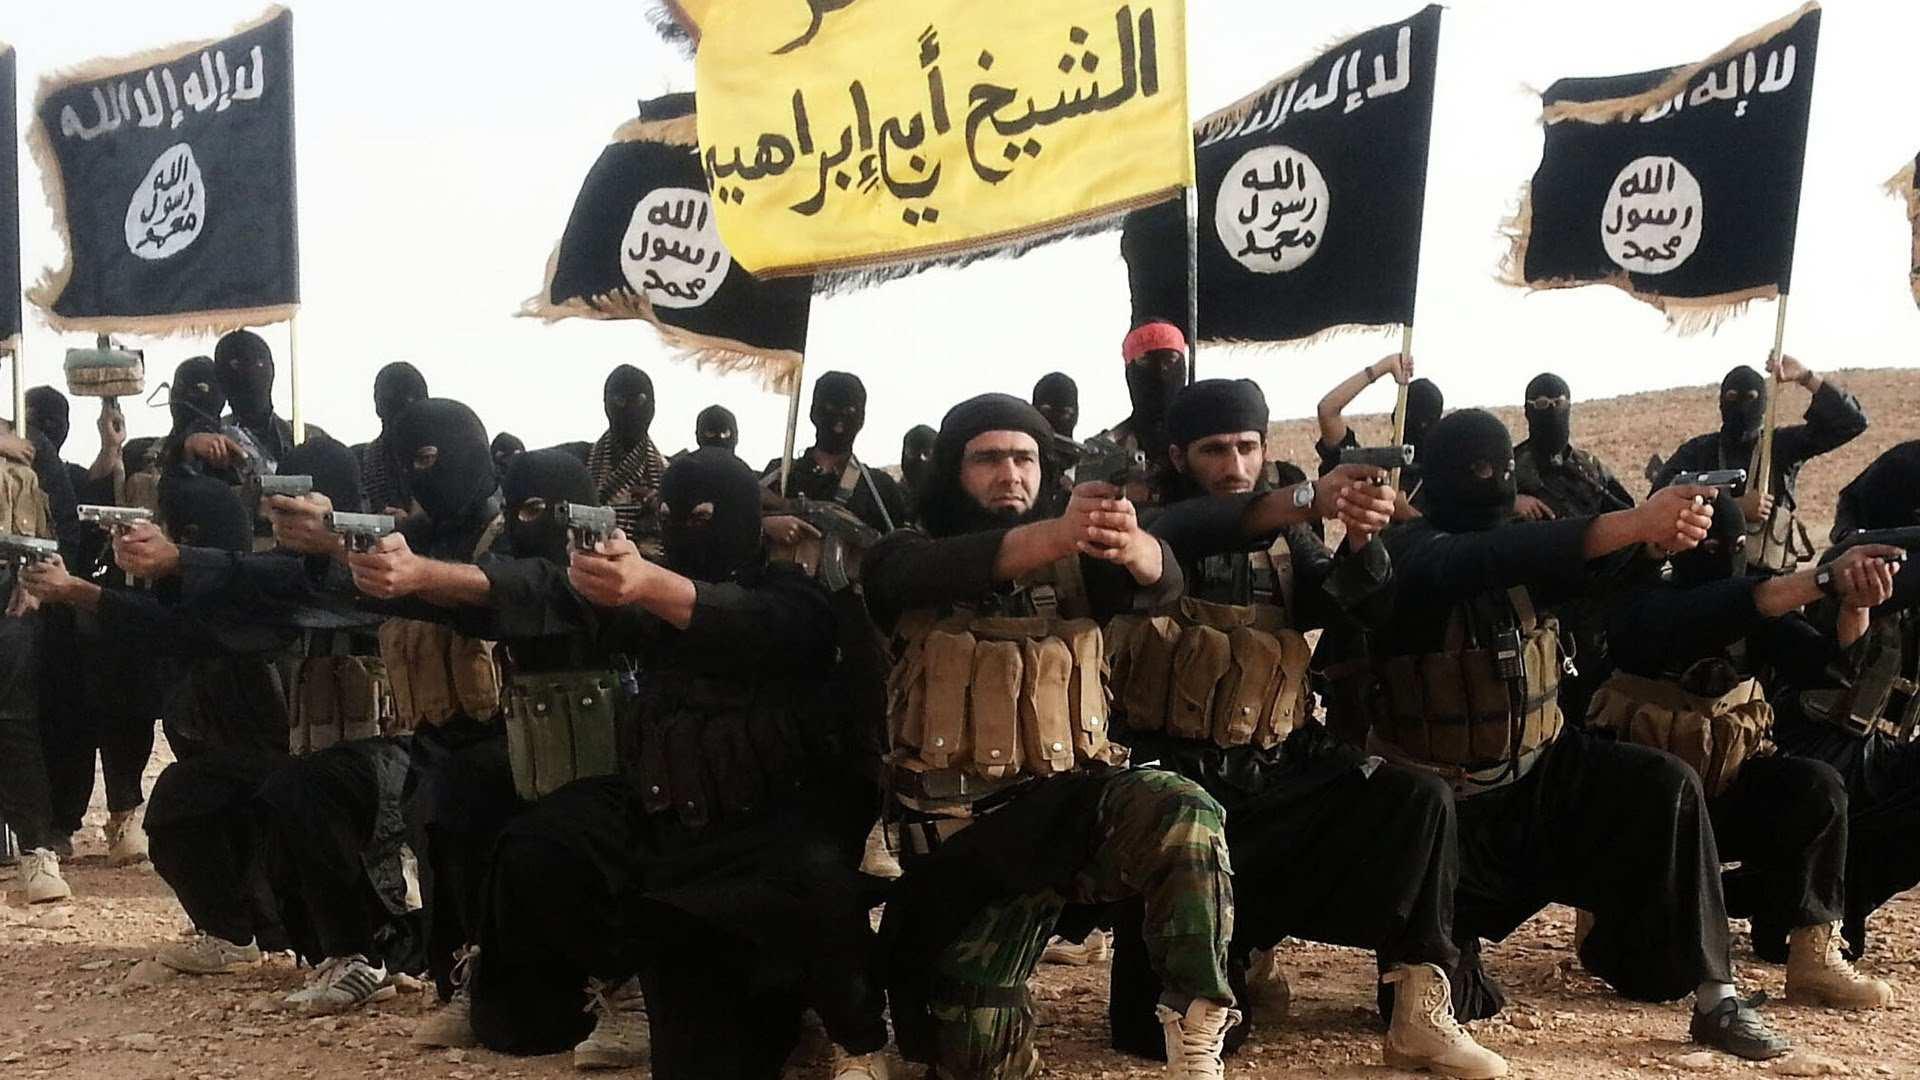 ИГИЛ уже не то: бежавшие от боевиков рассказали об упадке халифата | Русская весна